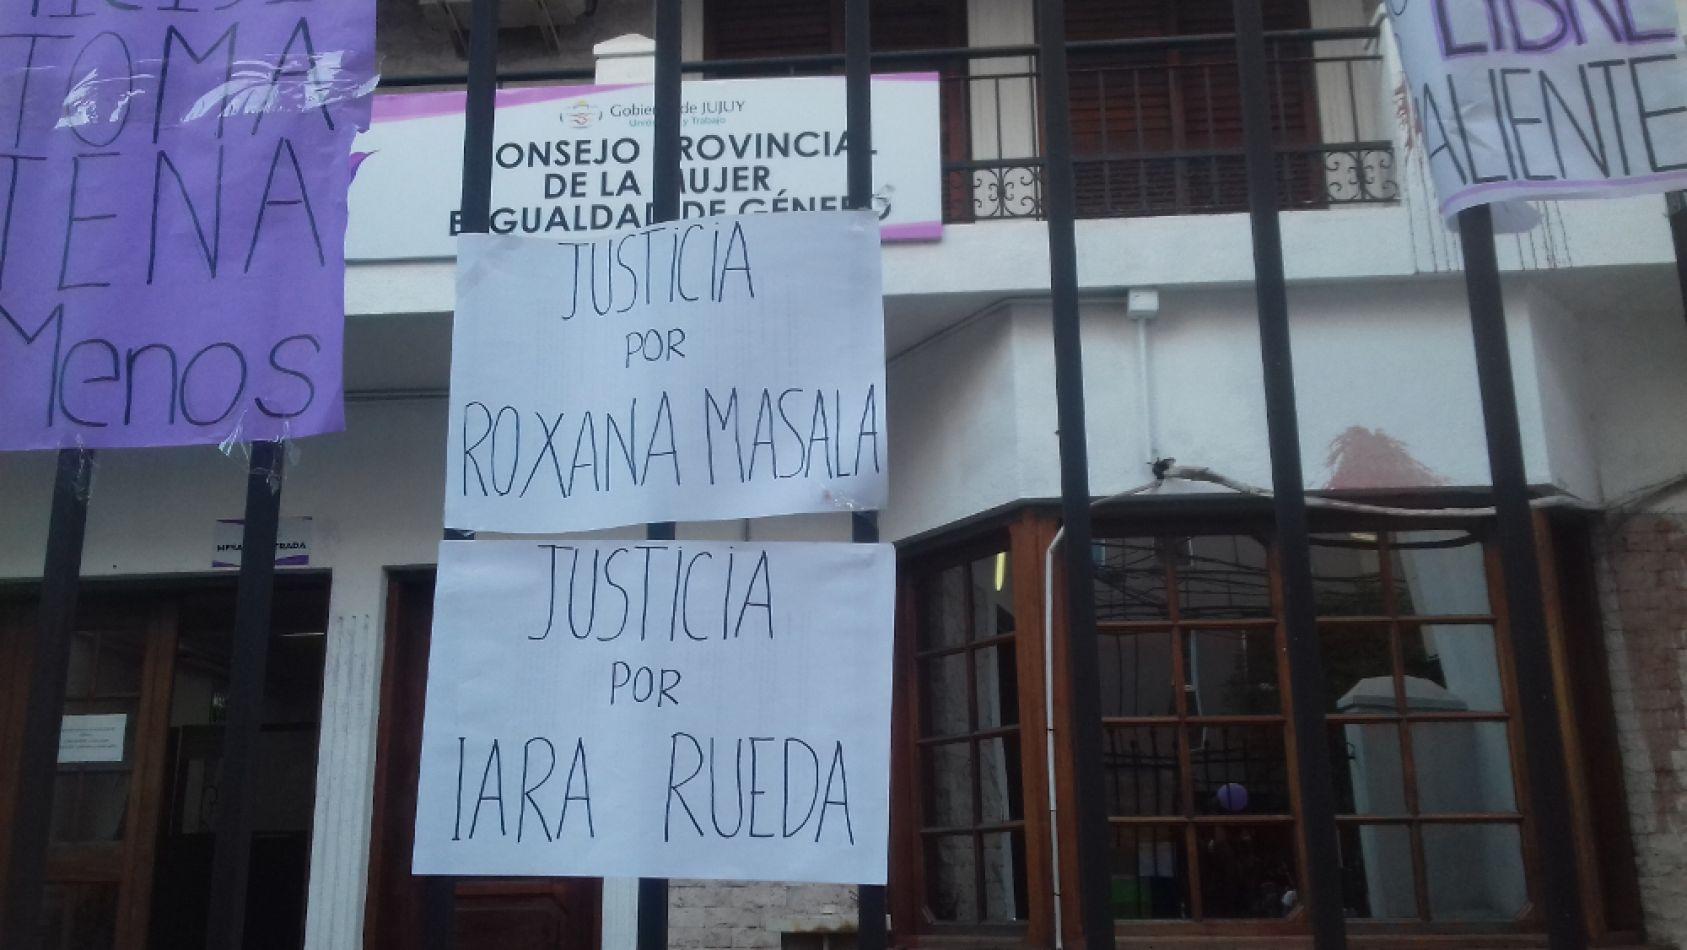 Femicidio con alevosía, así quedó caratulada la causa que investiga el asesinato de Iara Rueda